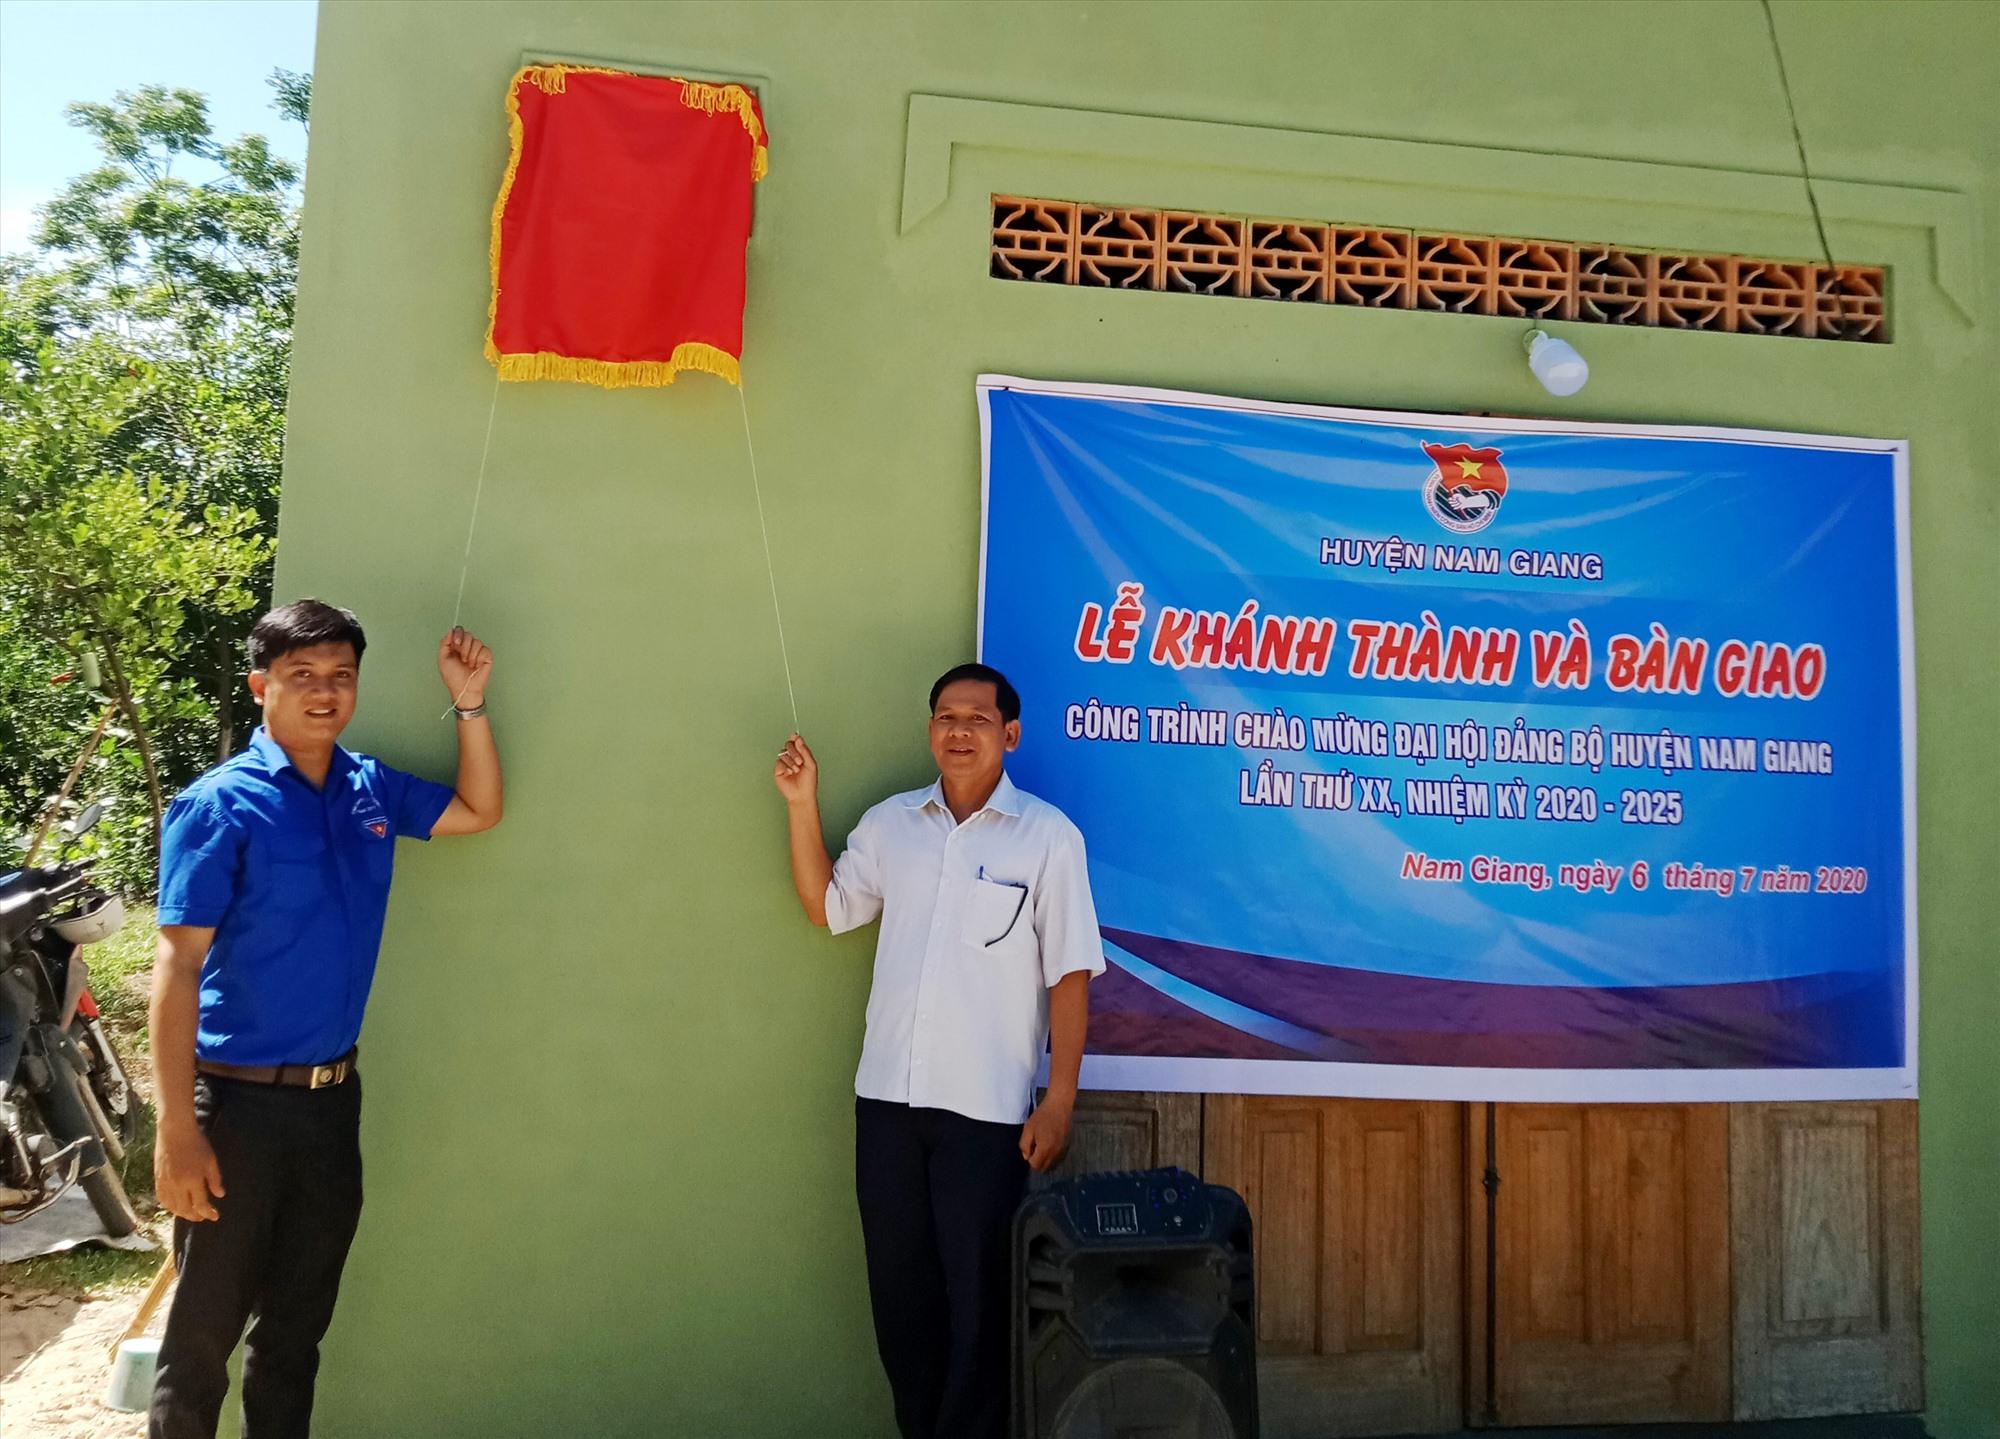 Đại diện lãnh đạo chính quyền và Huyện đoàn Nam Giang tháo băng khánh thành công trình nhà ở. Ảnh: Đ.N